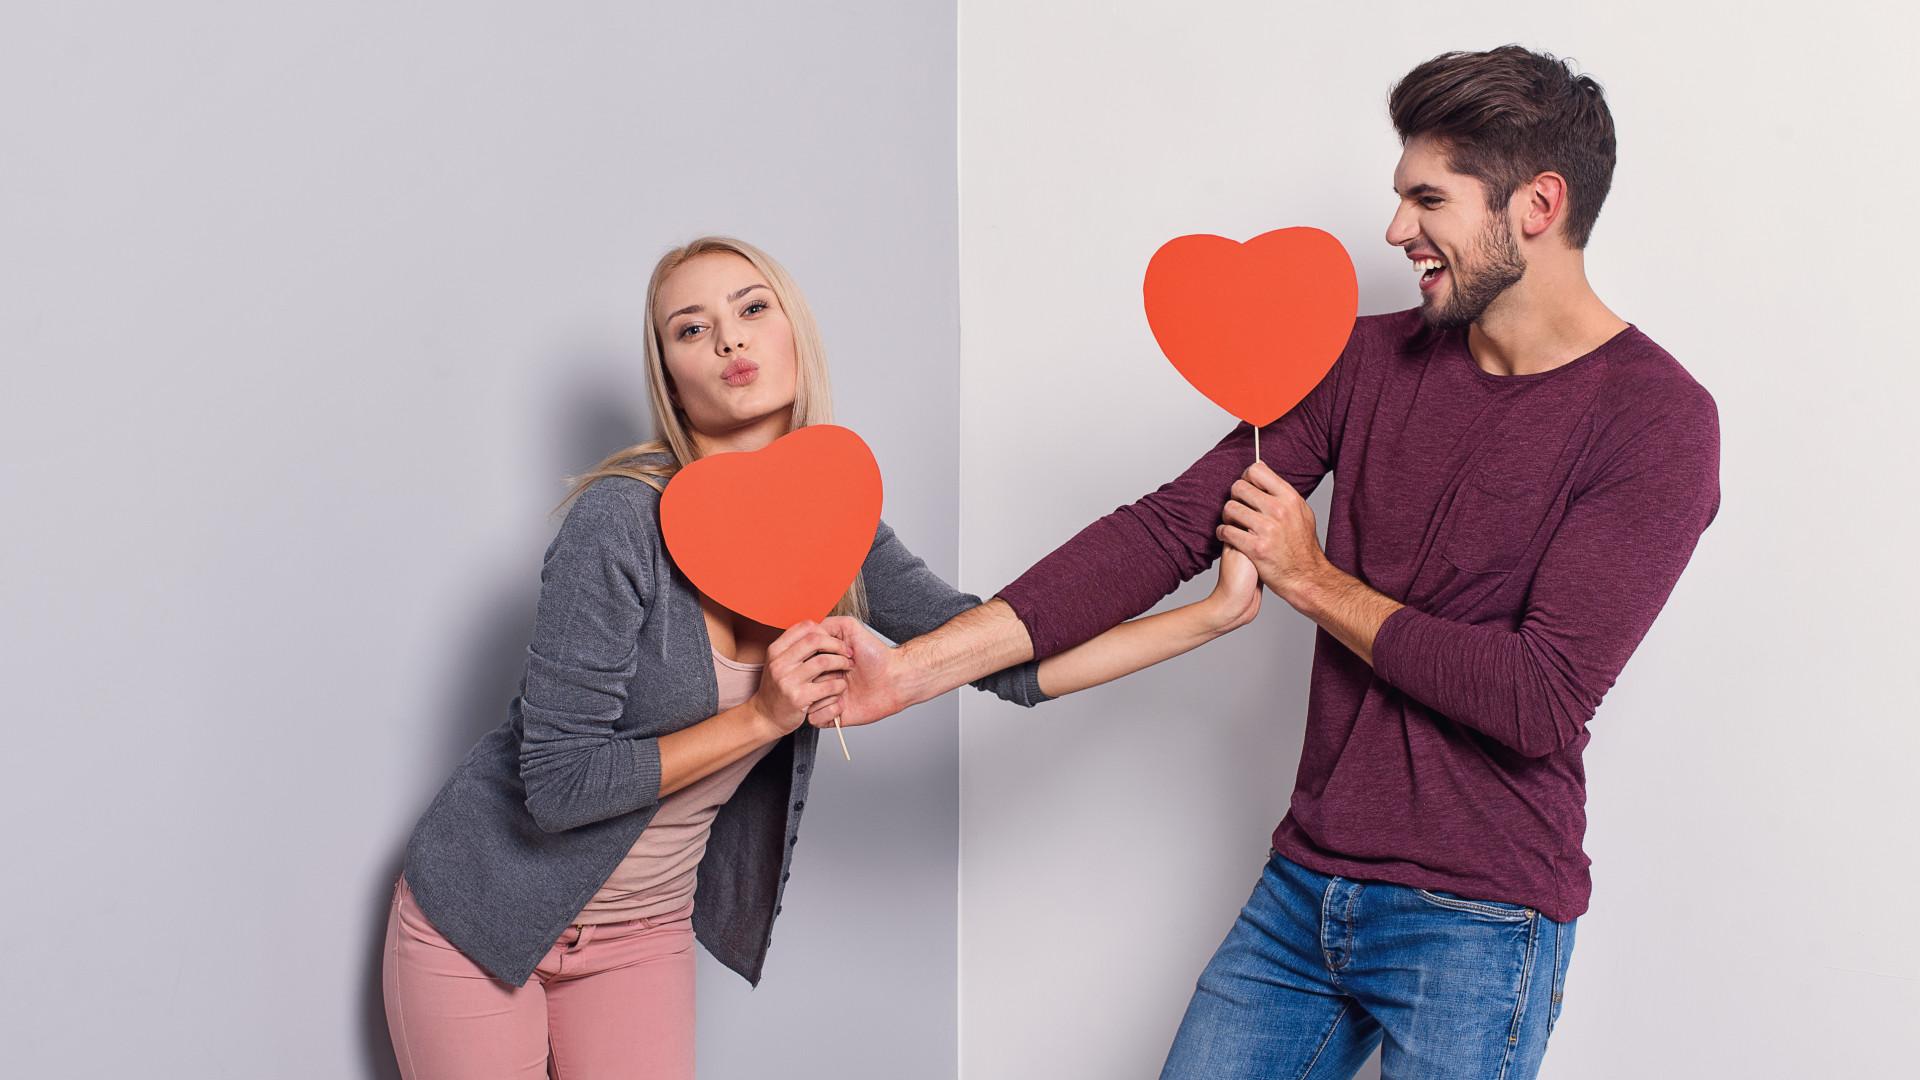 Ainda sem prenda para o Dia dos Namorados? A FNAC tem sete sugestões